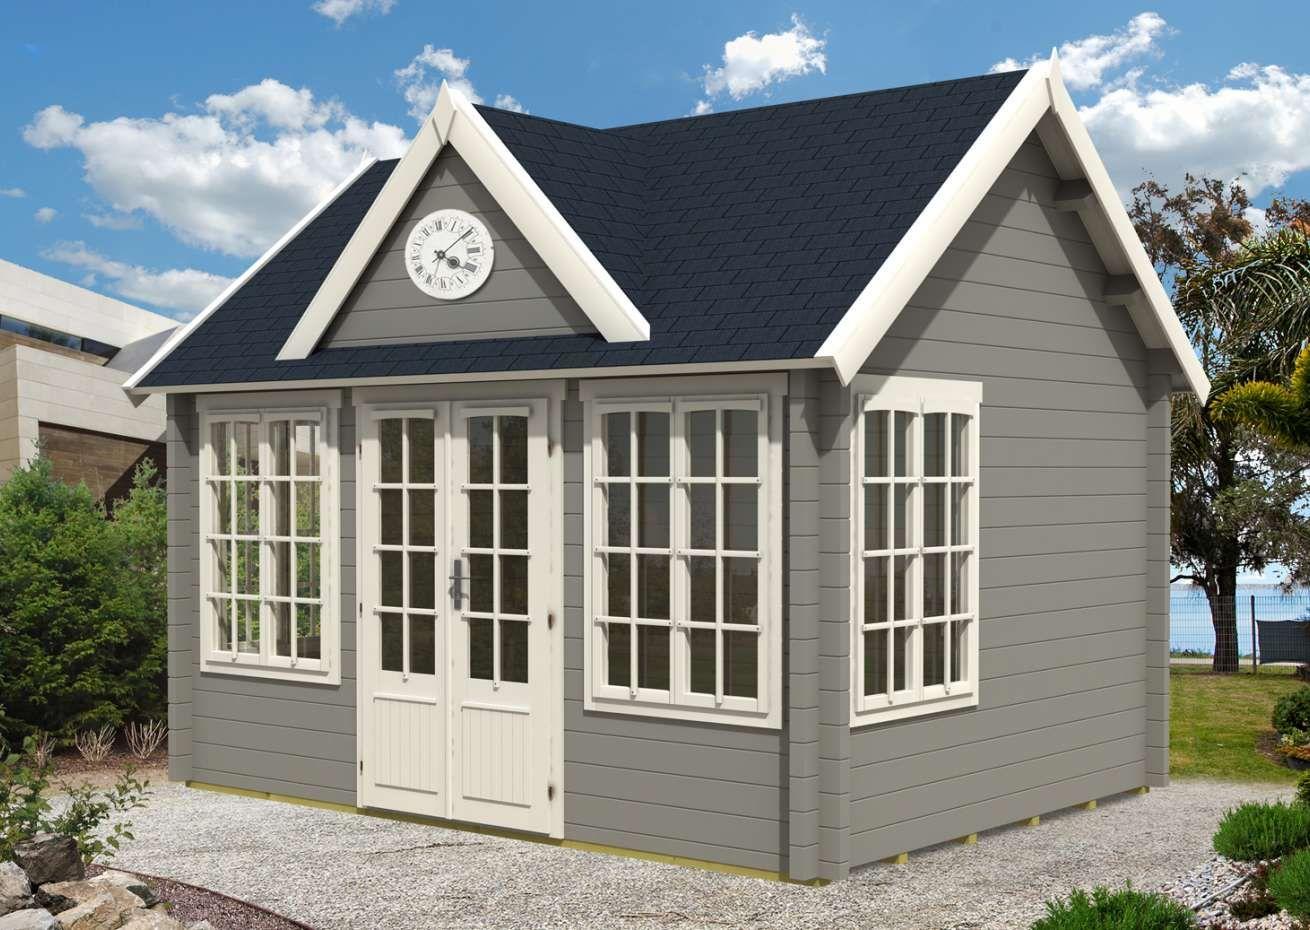 Gartenhaus Clockhouse 44 Royal Iso To332 Gartenhaus Haus Gartenhaus Kaufen